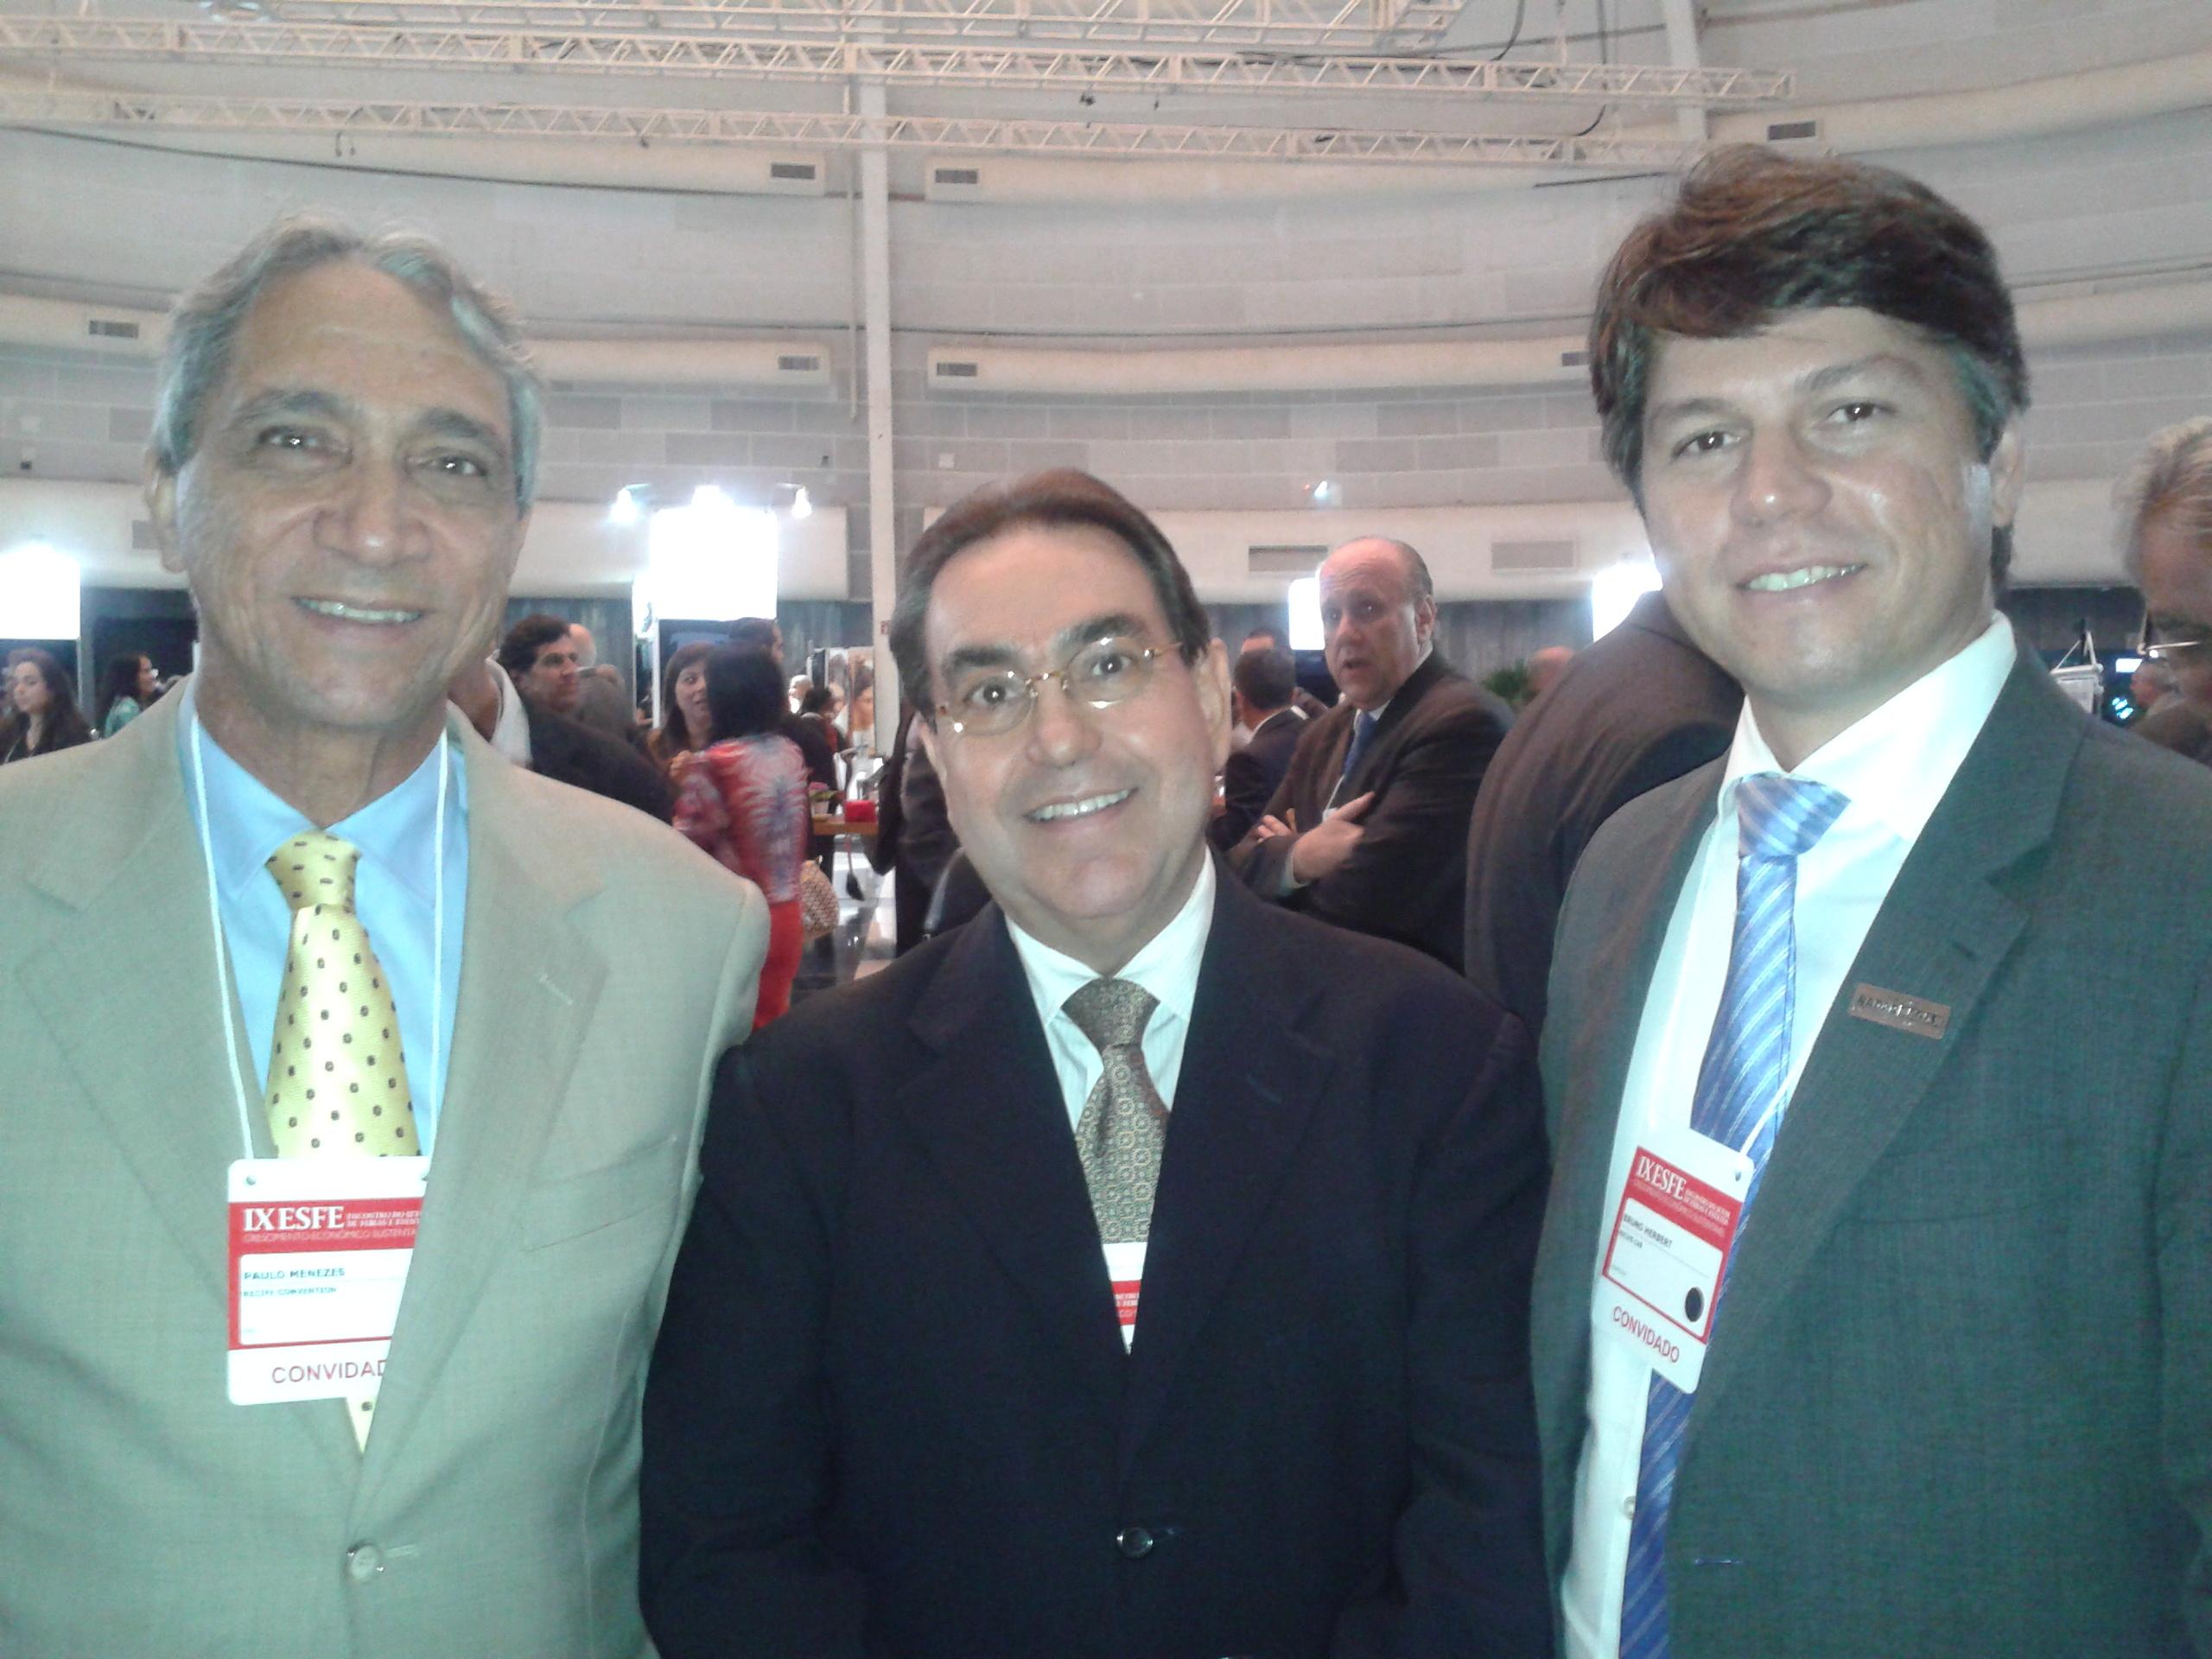 Recife convention presidente e conselheiro participam de eventos